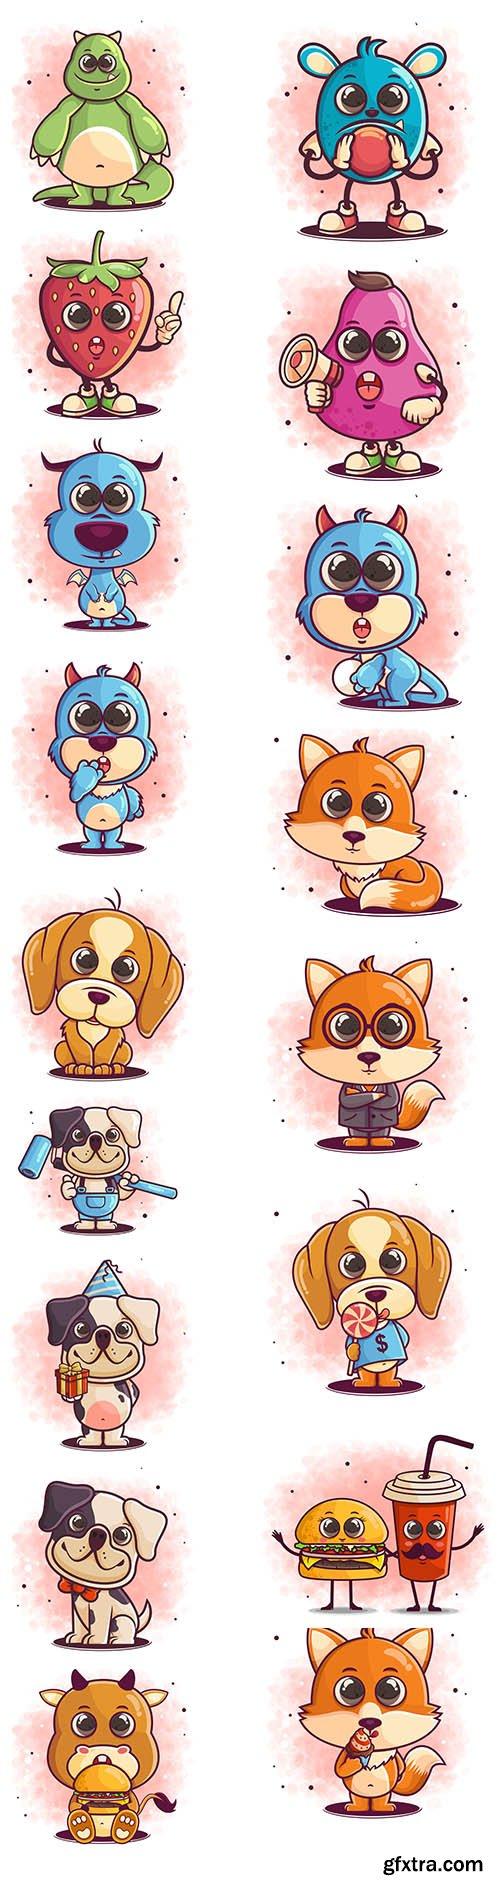 Hand-drawn cute dog cartoon sitting